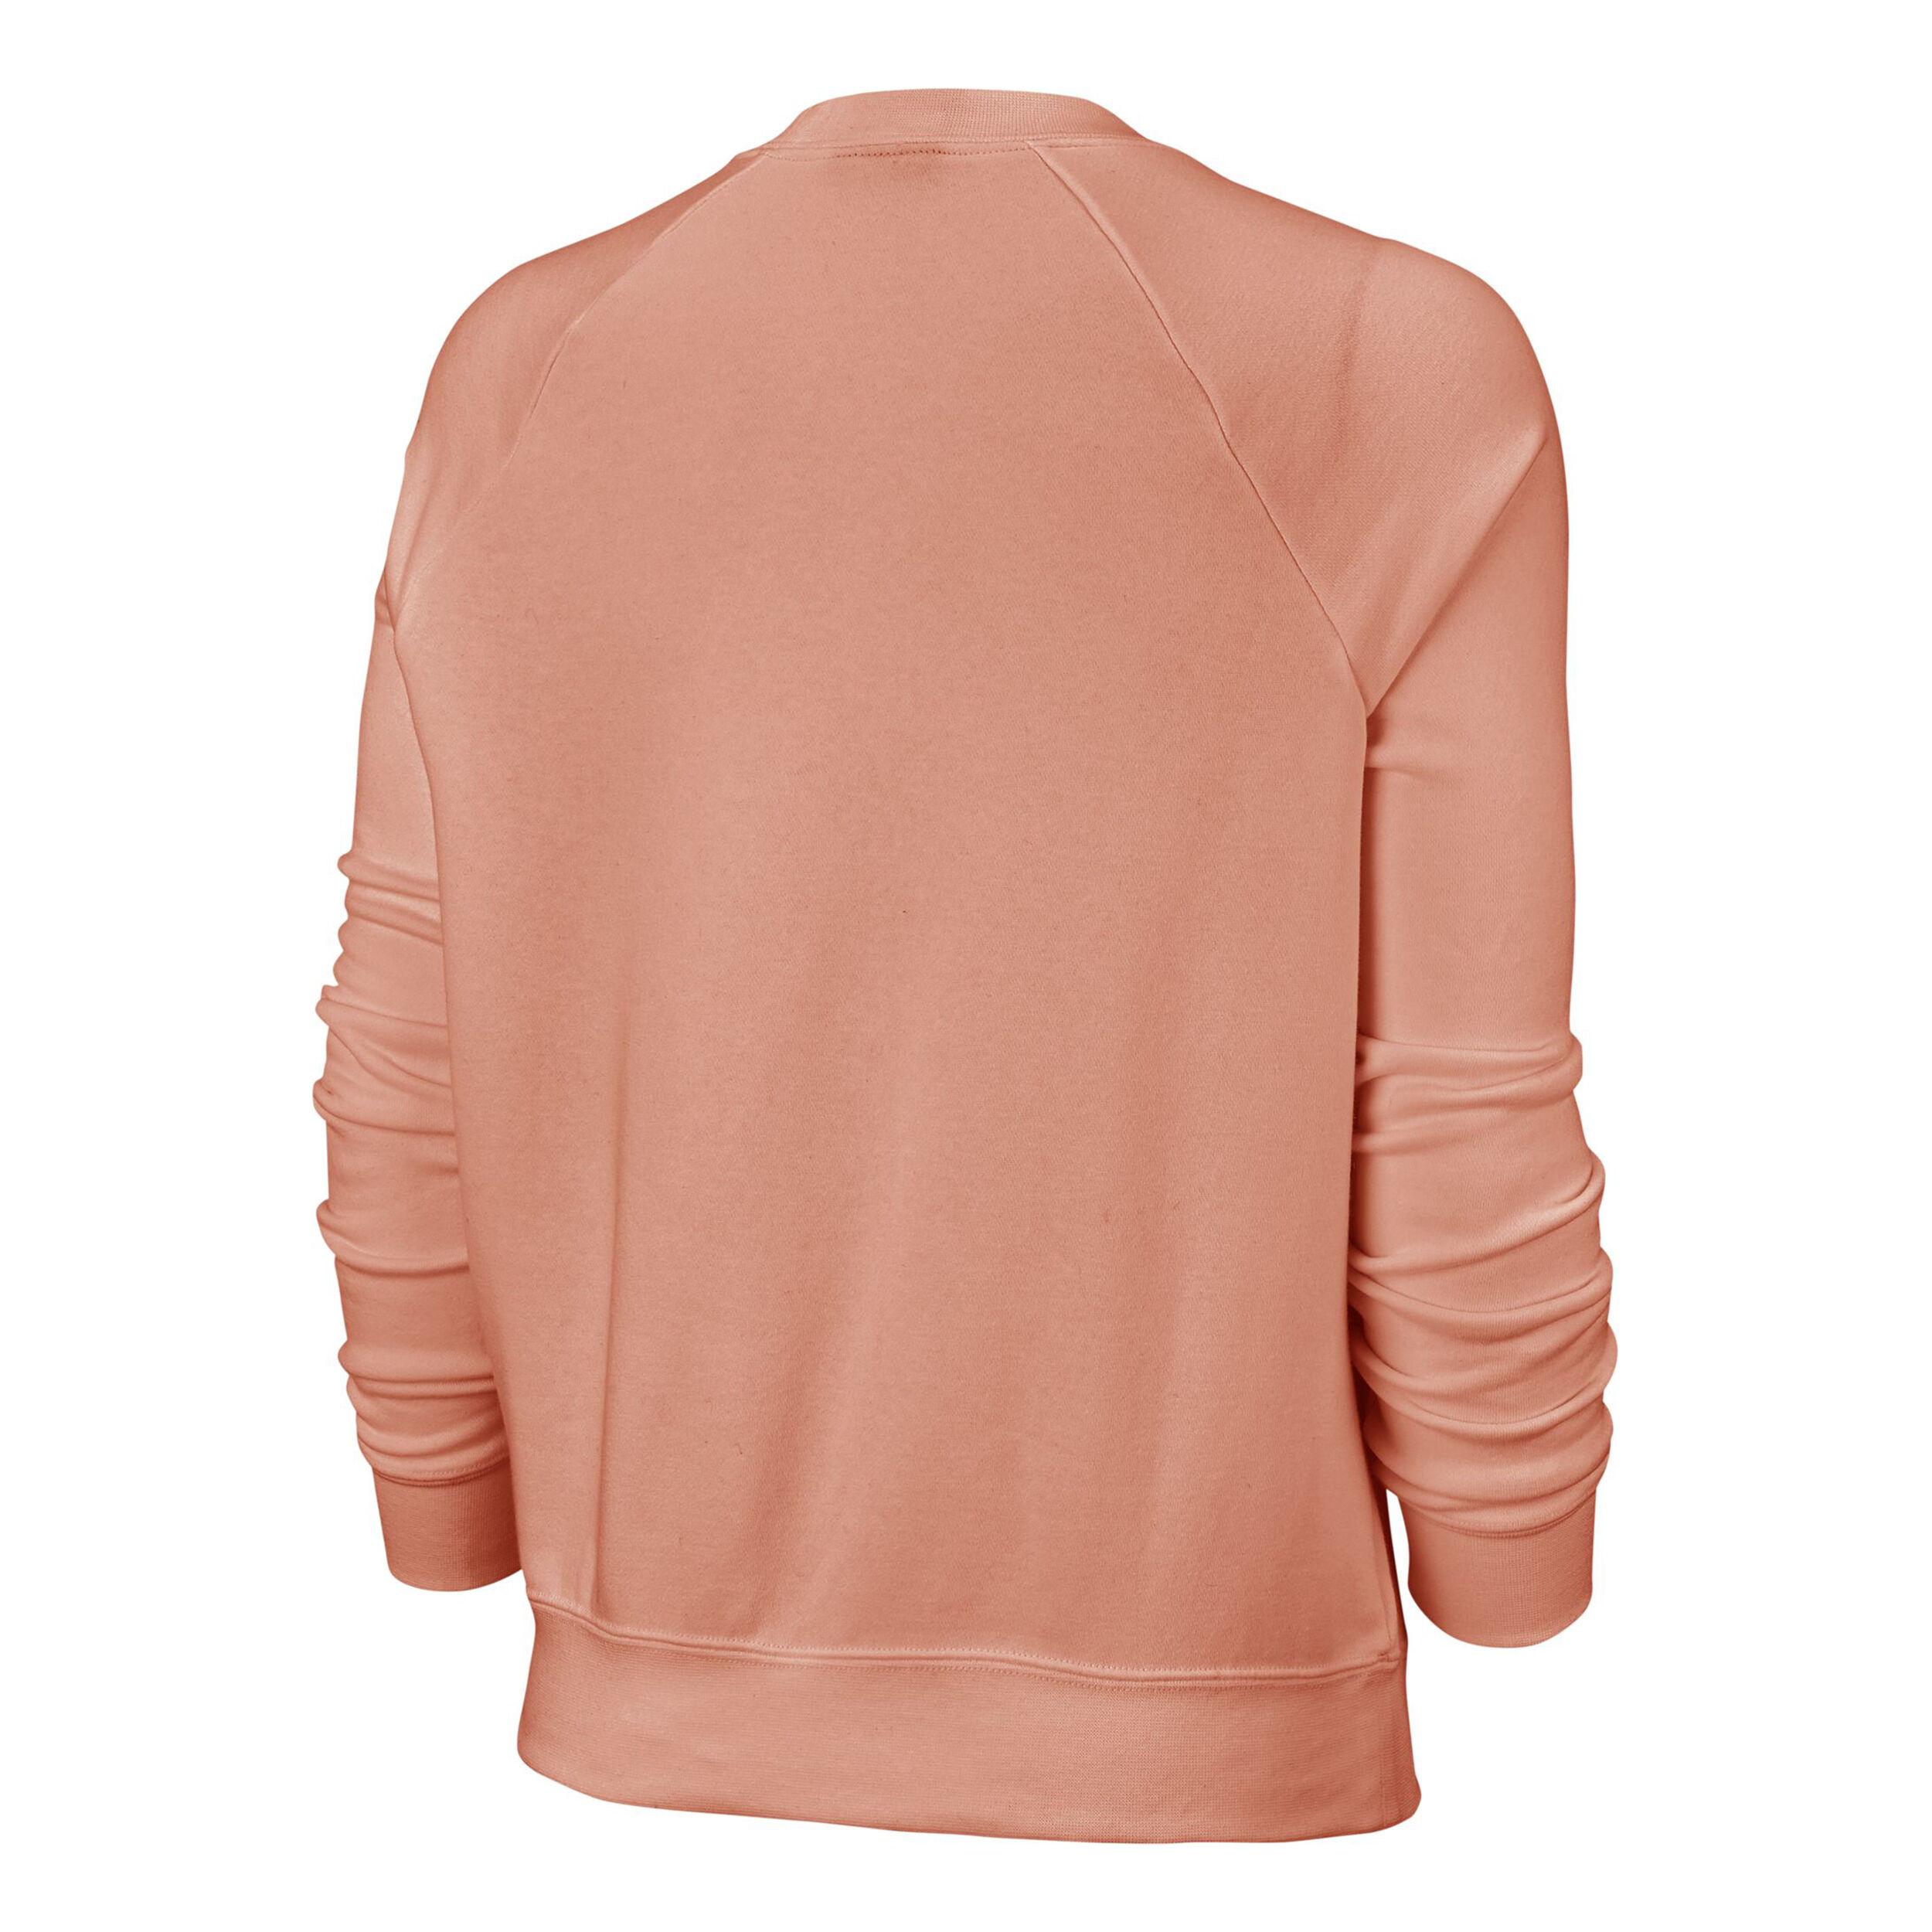 Nike Sportswear Essential Fleece Crew Sweatshirt Damen Apricot, Weiß